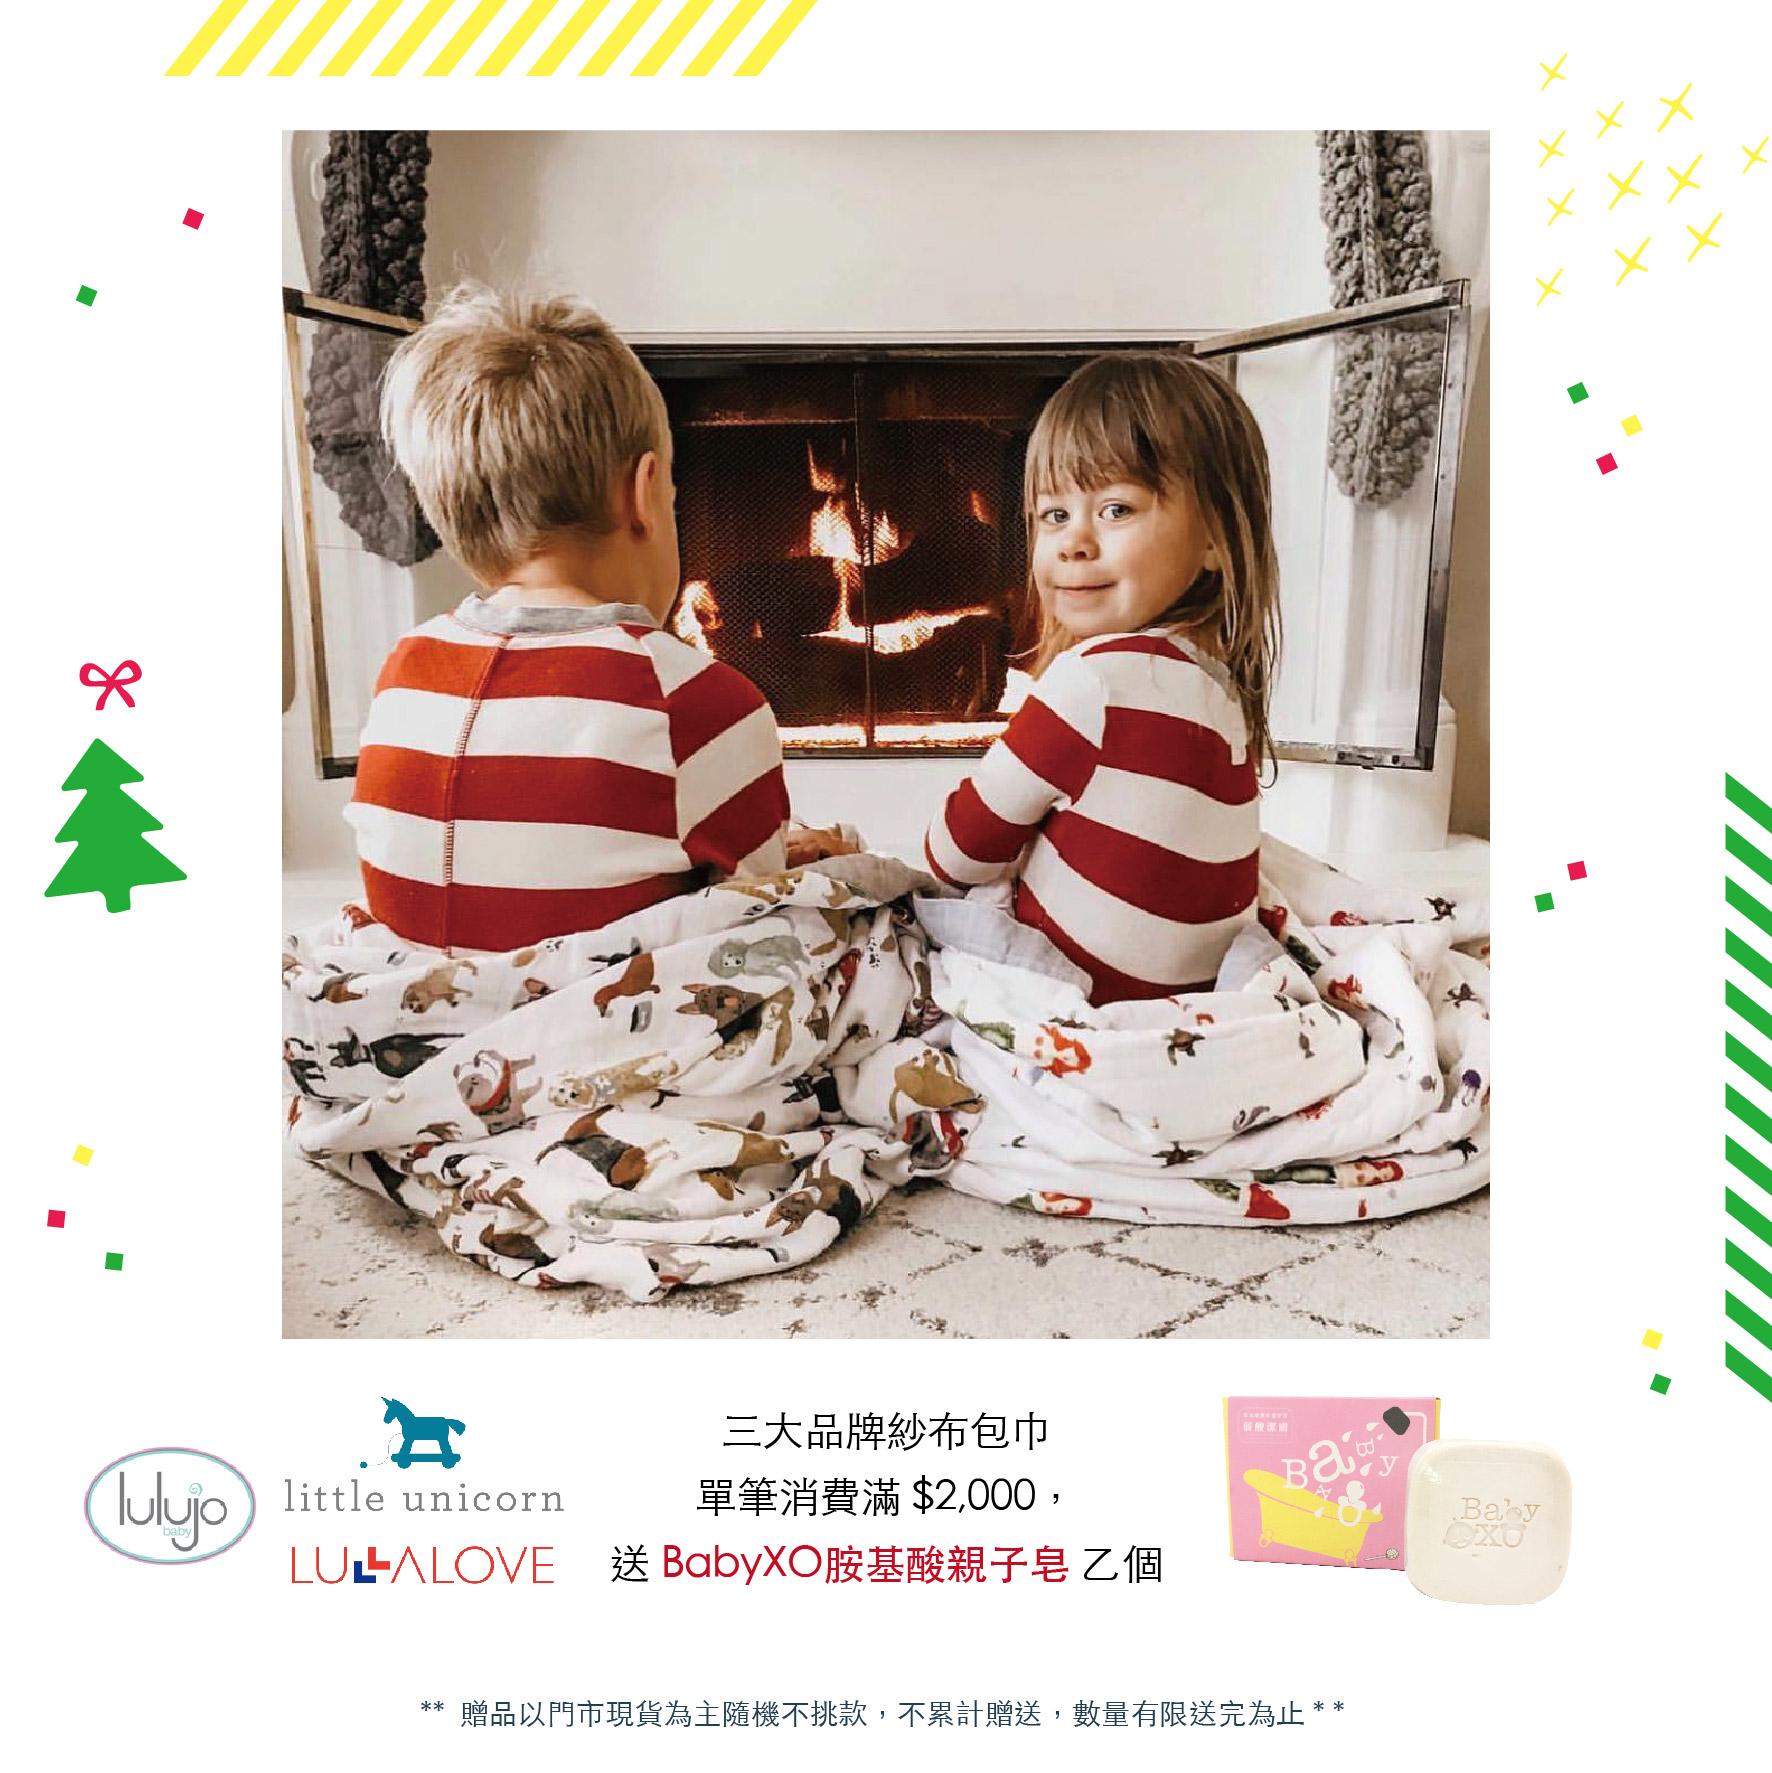 三大品牌紗布巾Lulujo╳LULLALOVE╳LittleUnicorn・單筆滿$2000送BabyXO胺基酸親子皂乙個 (隨機不挑款/不累贈/送完為止)